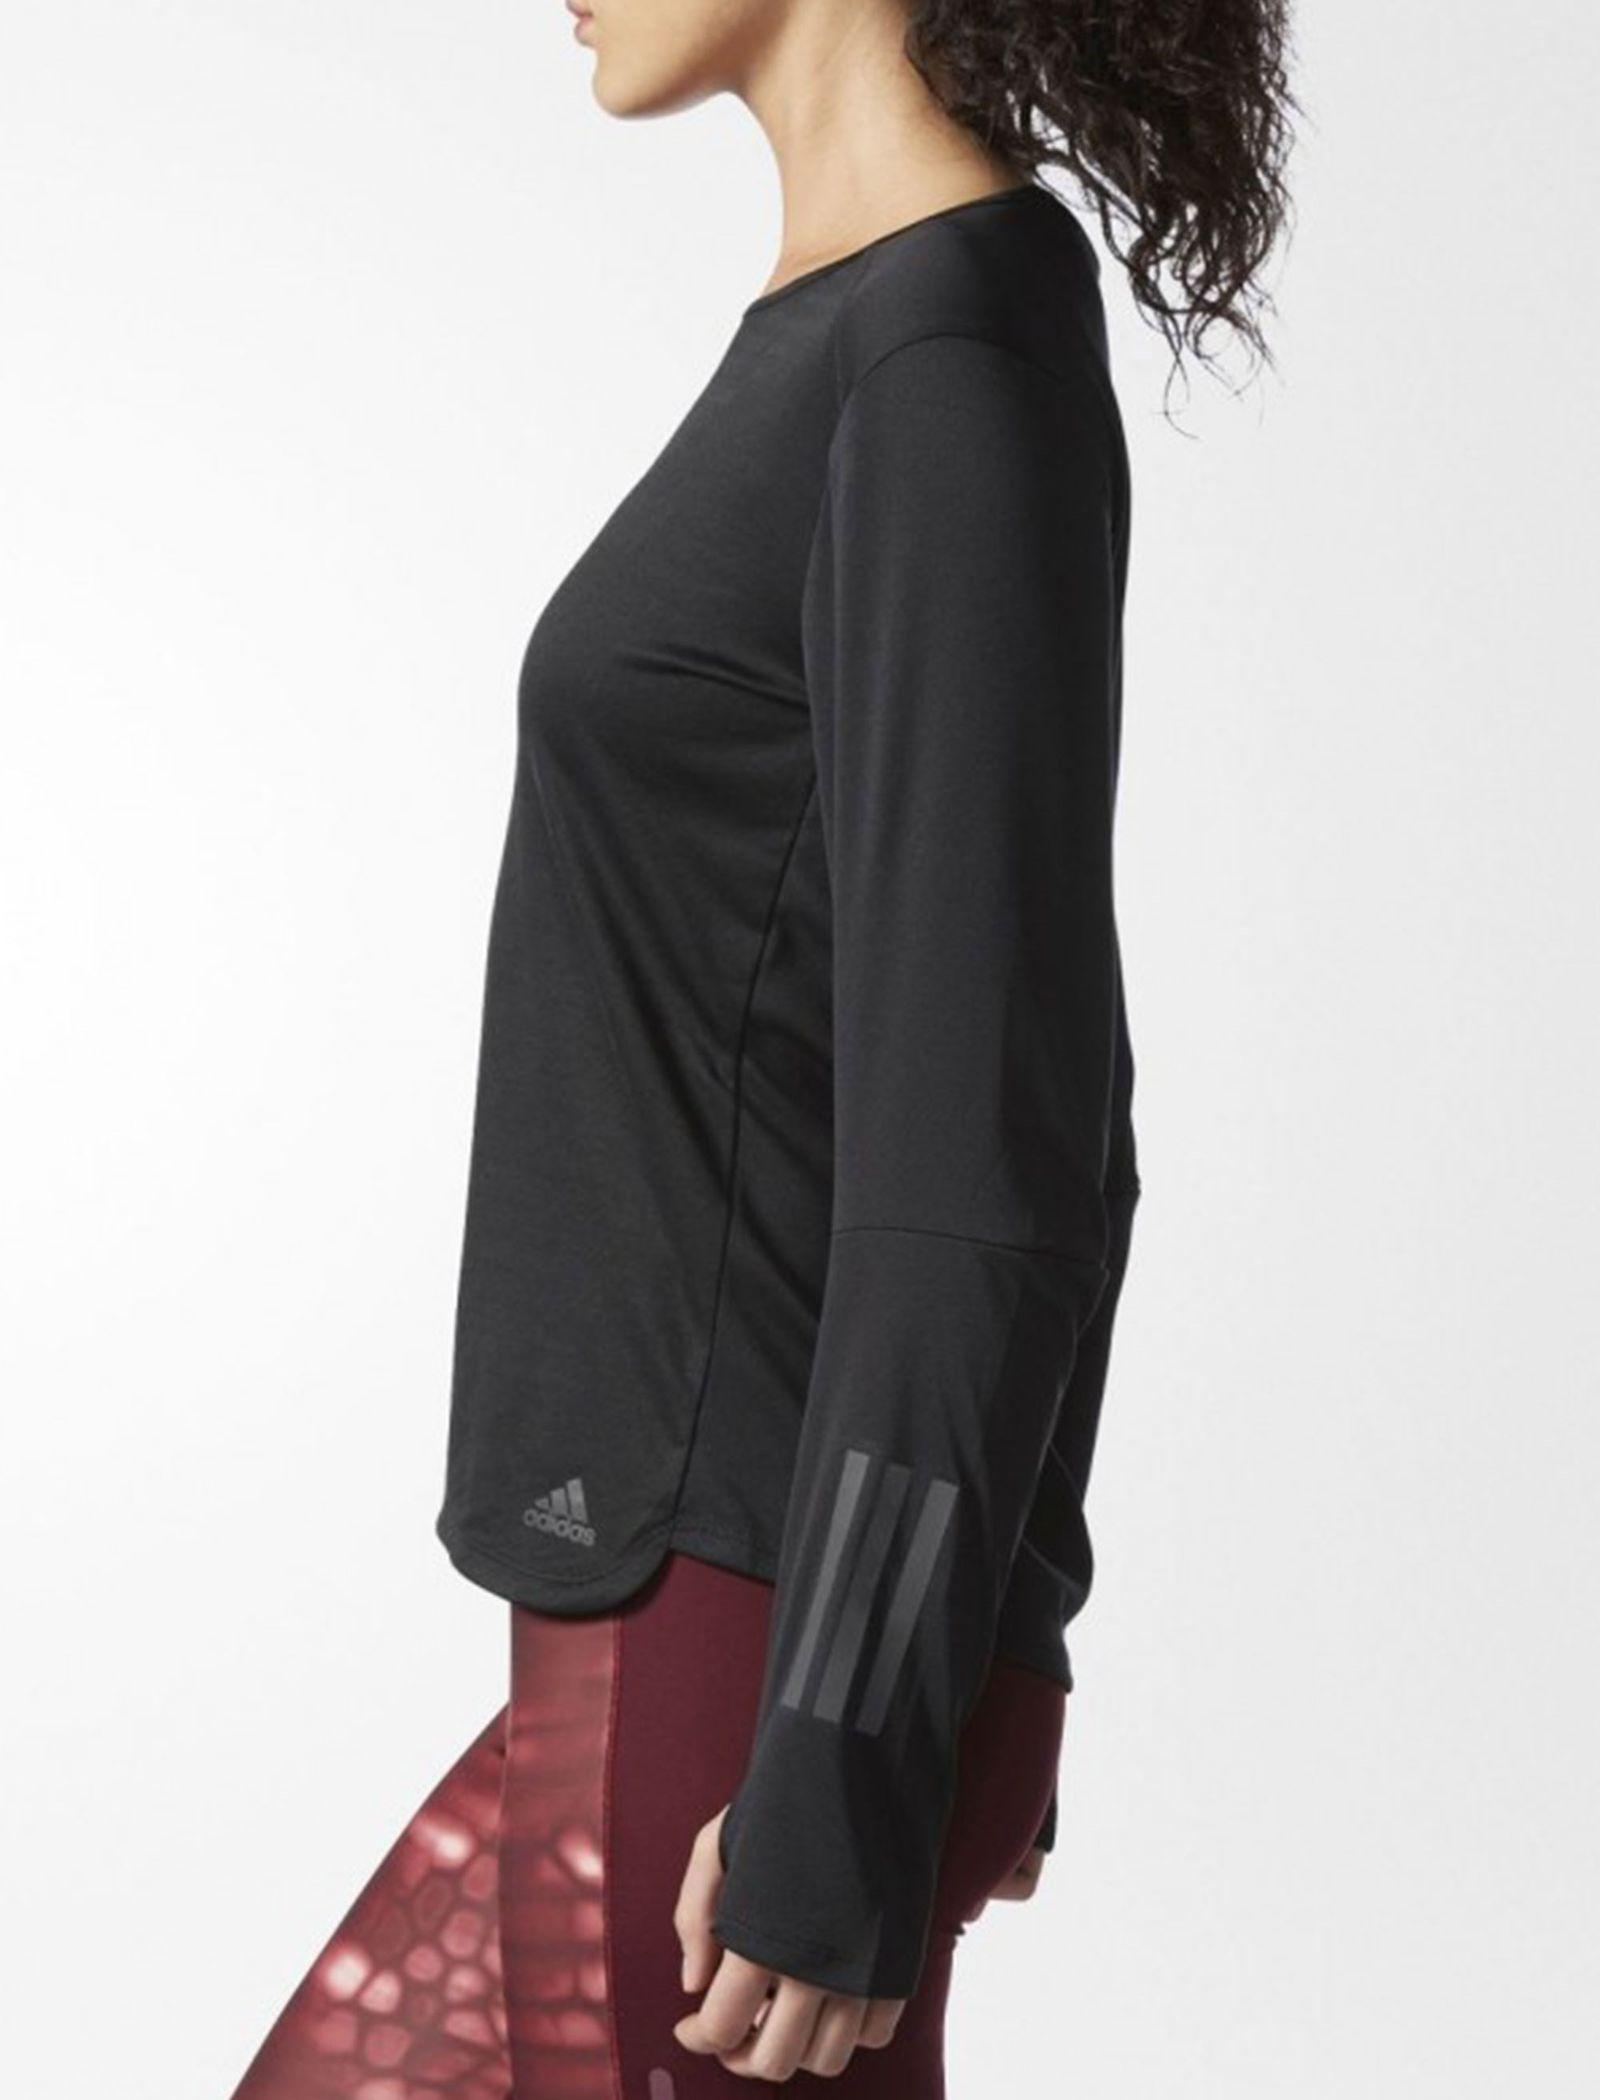 تی شرت ورزشی آستین بلند زنانه Response - آدیداس - مشکي - 4